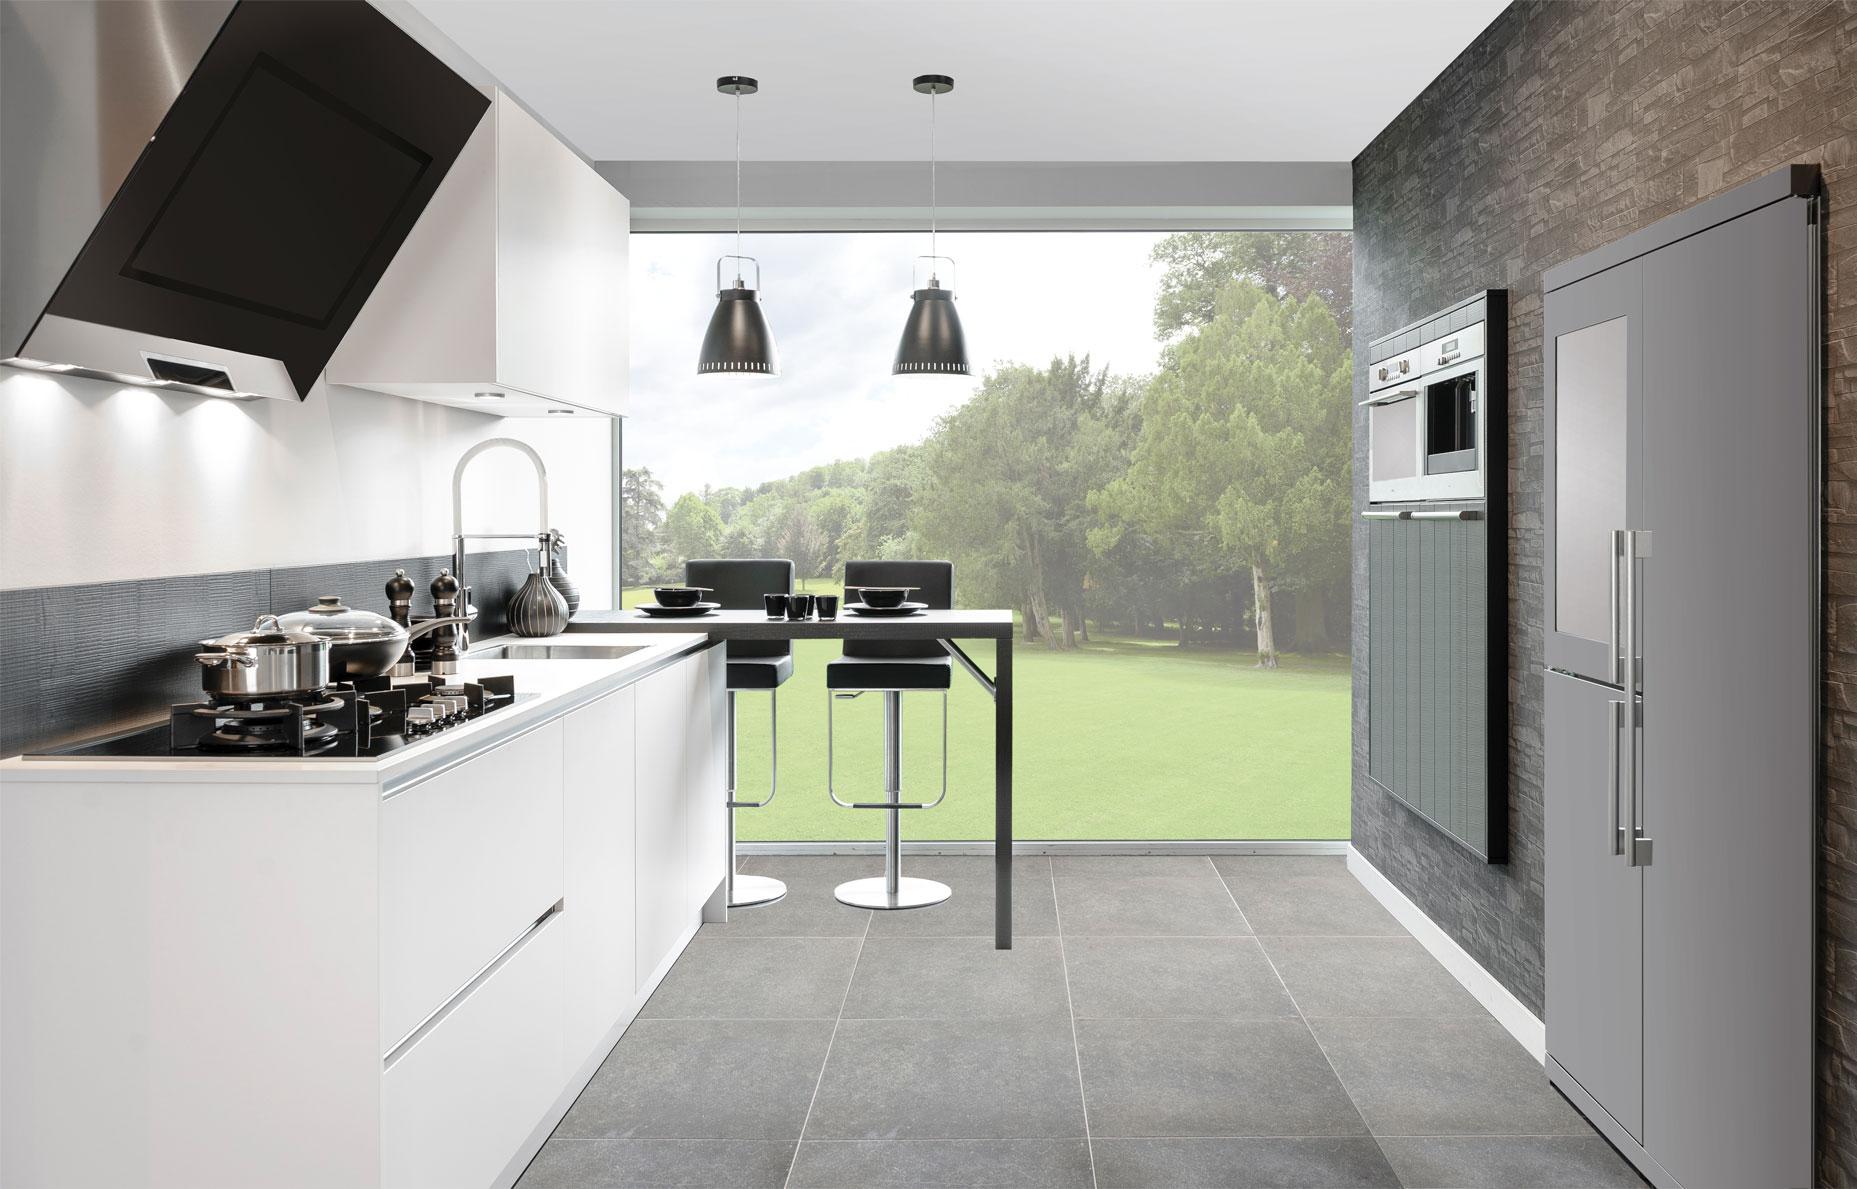 Keuken Van Grando Zwart Wit Cubic : ... keukenstijl! - Nieuws ...